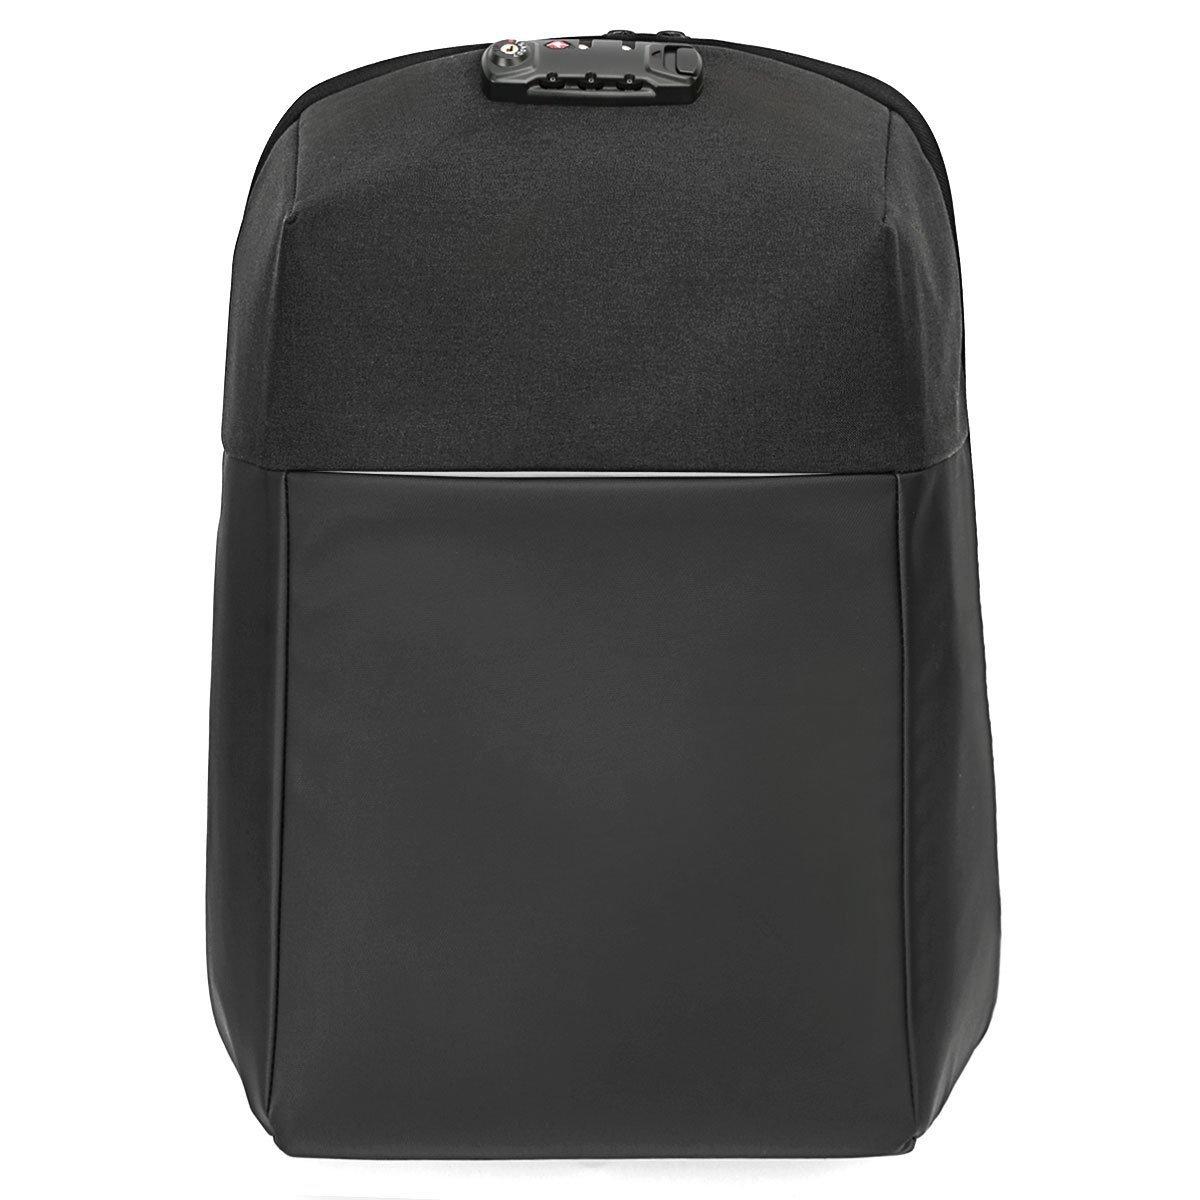 """Naturalife 15.6""""Mochila antirrobo para ordenadores portátiles con cremallera oculta, candado, puerto de carga USB, gran capacidad de carga e impermeable para la universidad, trabajo y viajes 735EU-0001"""